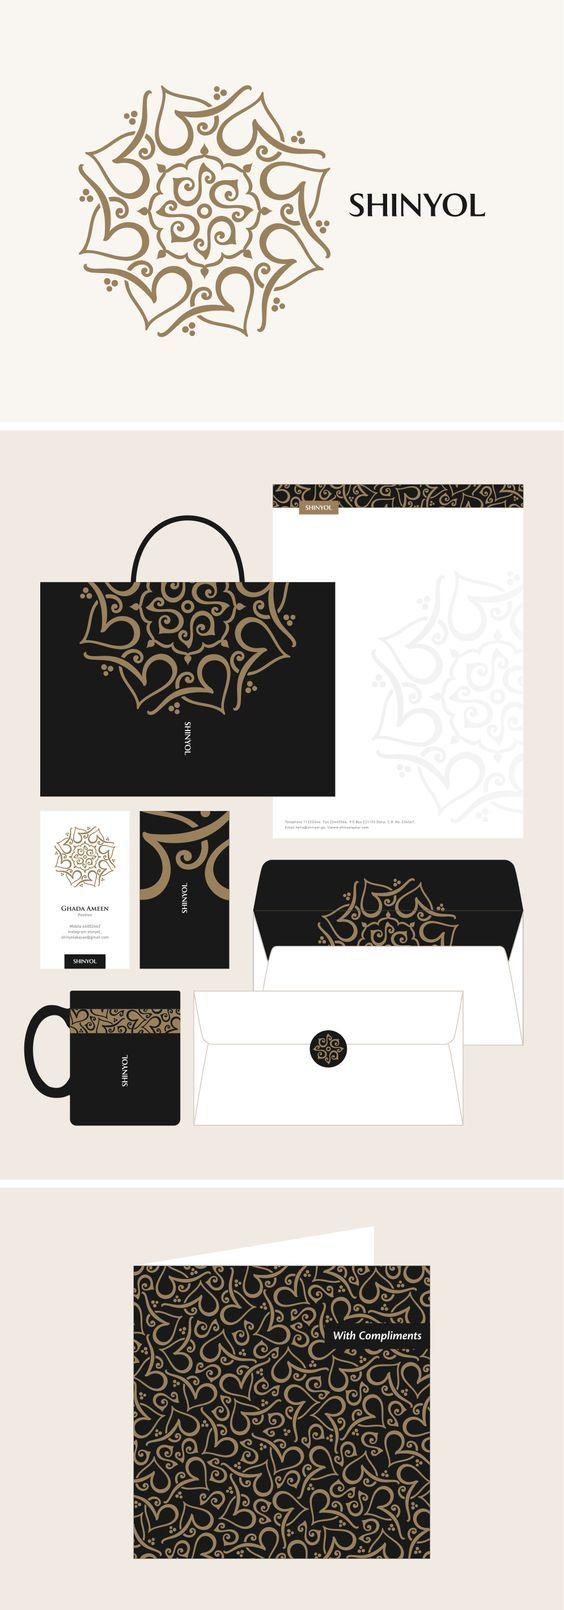 Arabesque style Arabic logo/identity design for an Abaya boutique in Qatar, by Khawar Bilal: